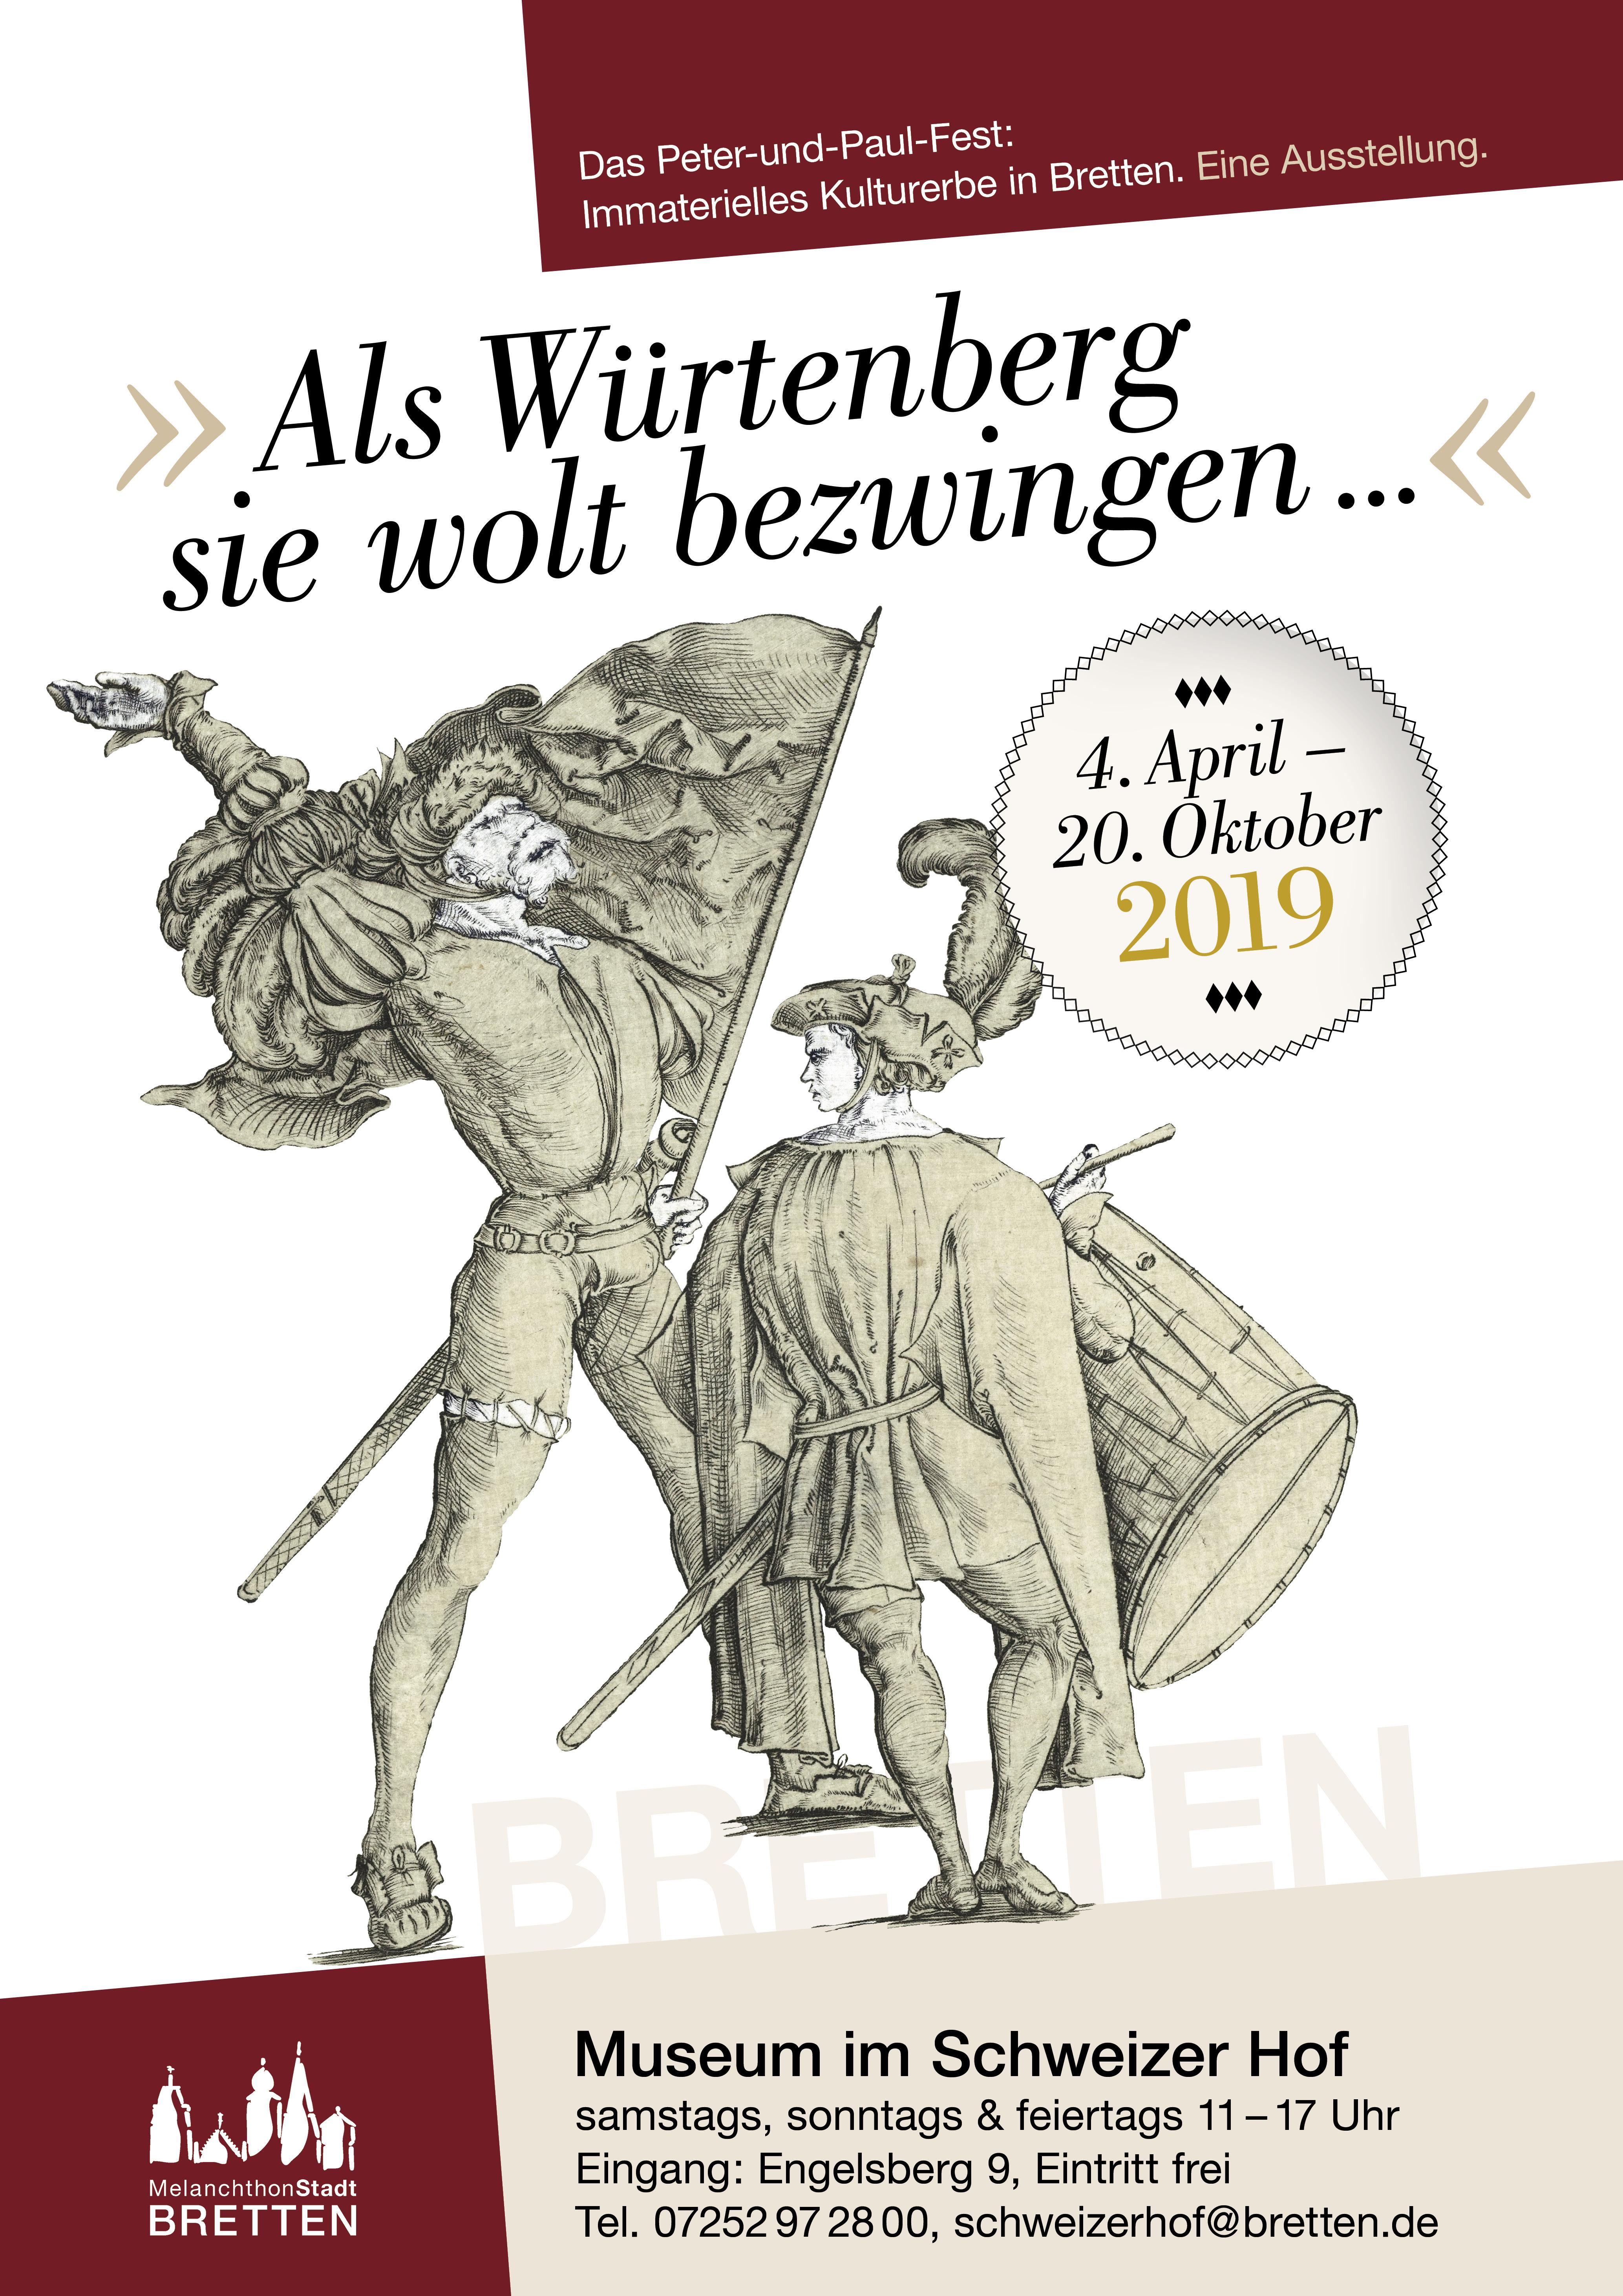 """""""»Als Würtenberg sie wolt bezwingen...«. Das Peter-und-Paul-Fest: Immaterielles Kulturerbe in Bretten."""